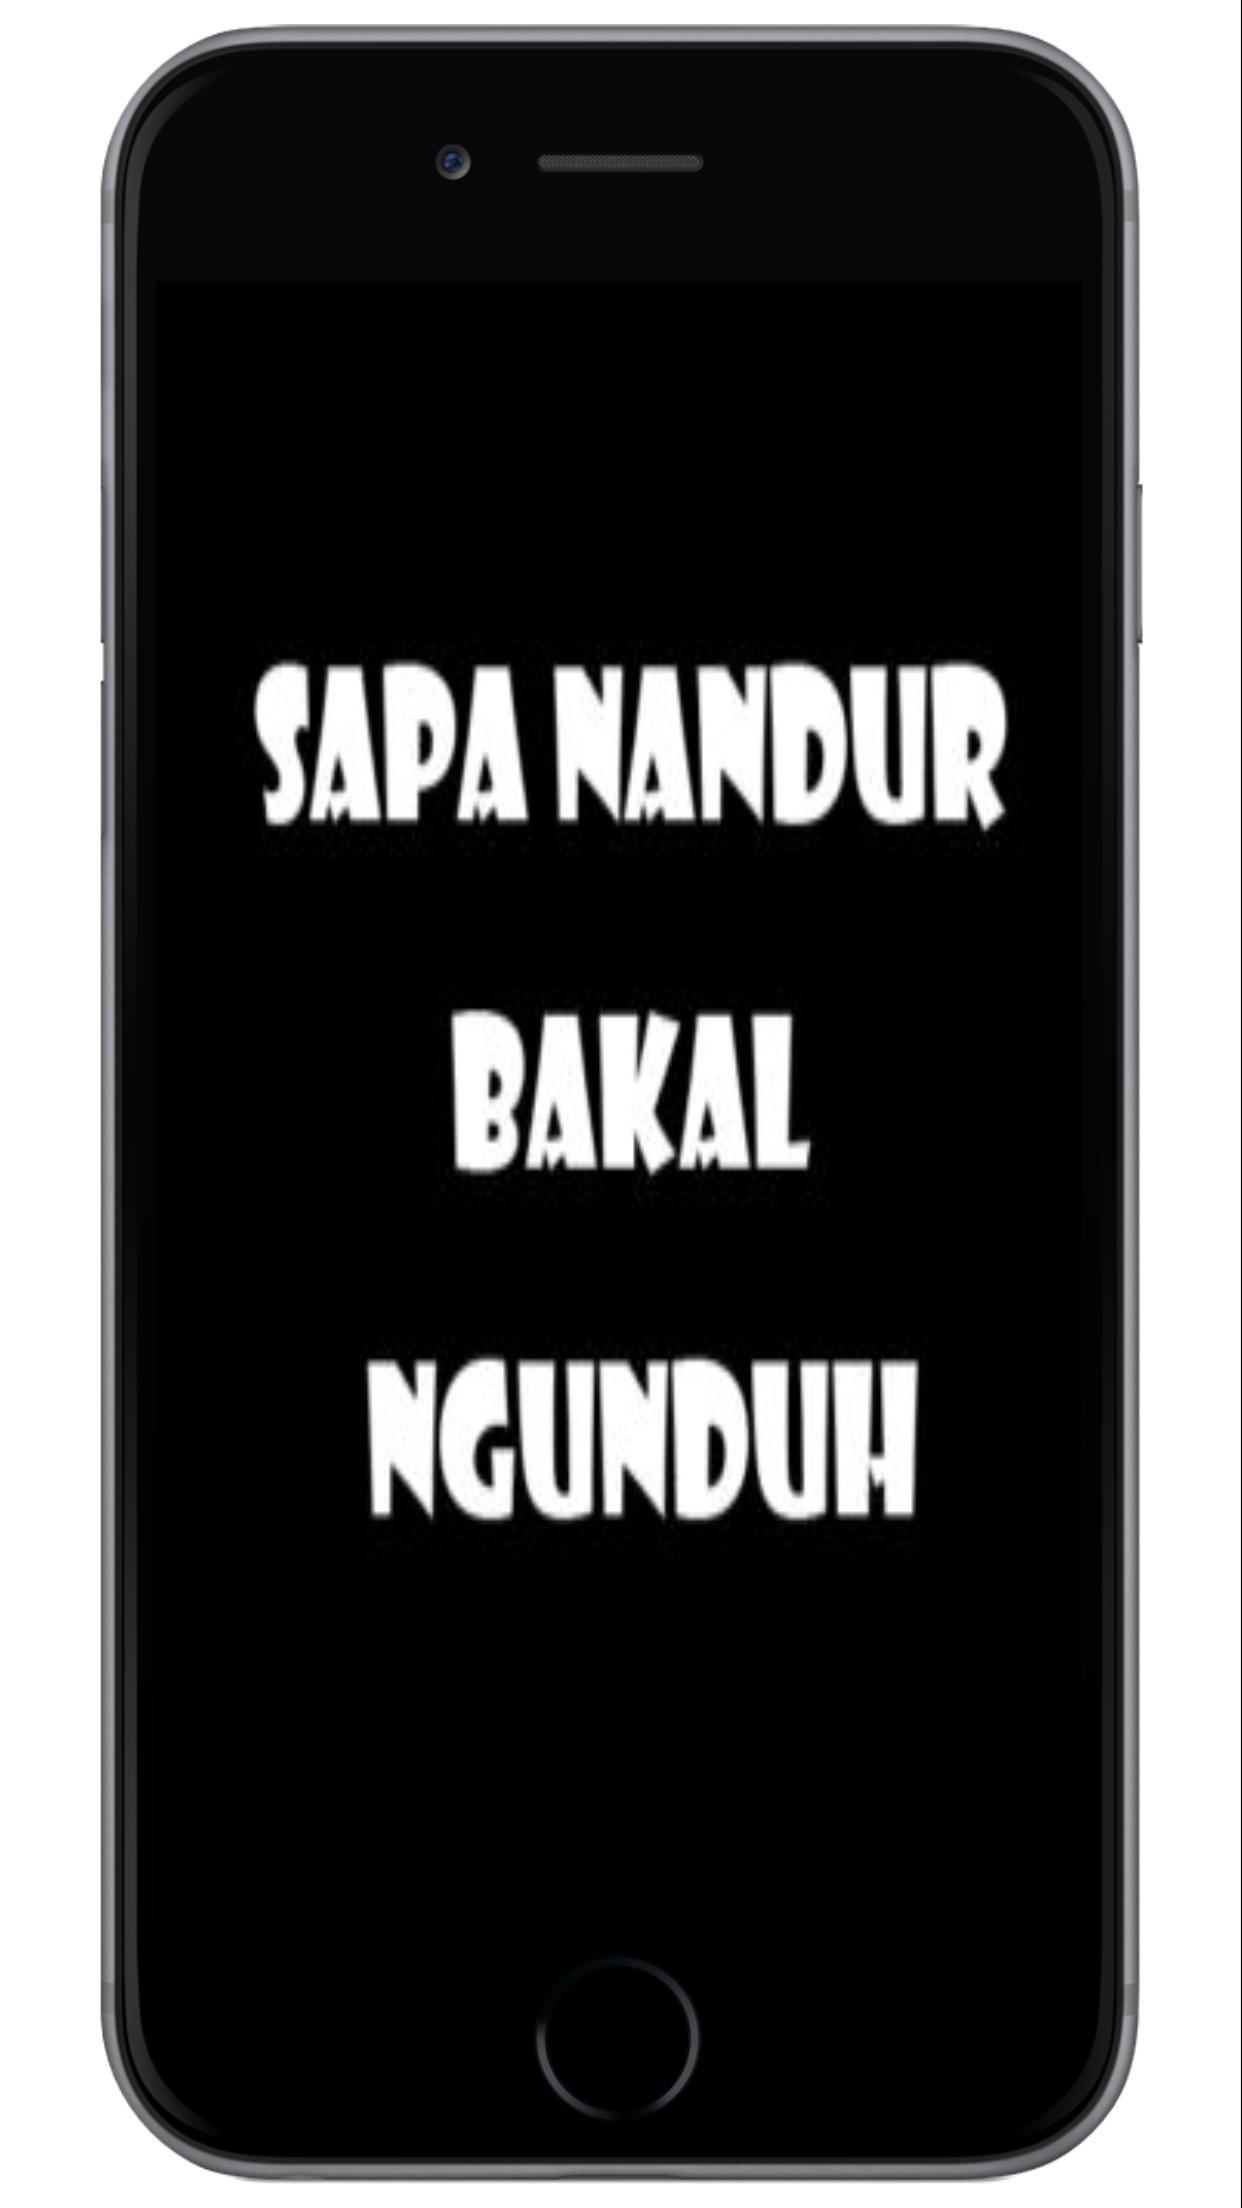 Download 6800 Gambar Lucu Blackberry Bahasa Jawa Terbaru